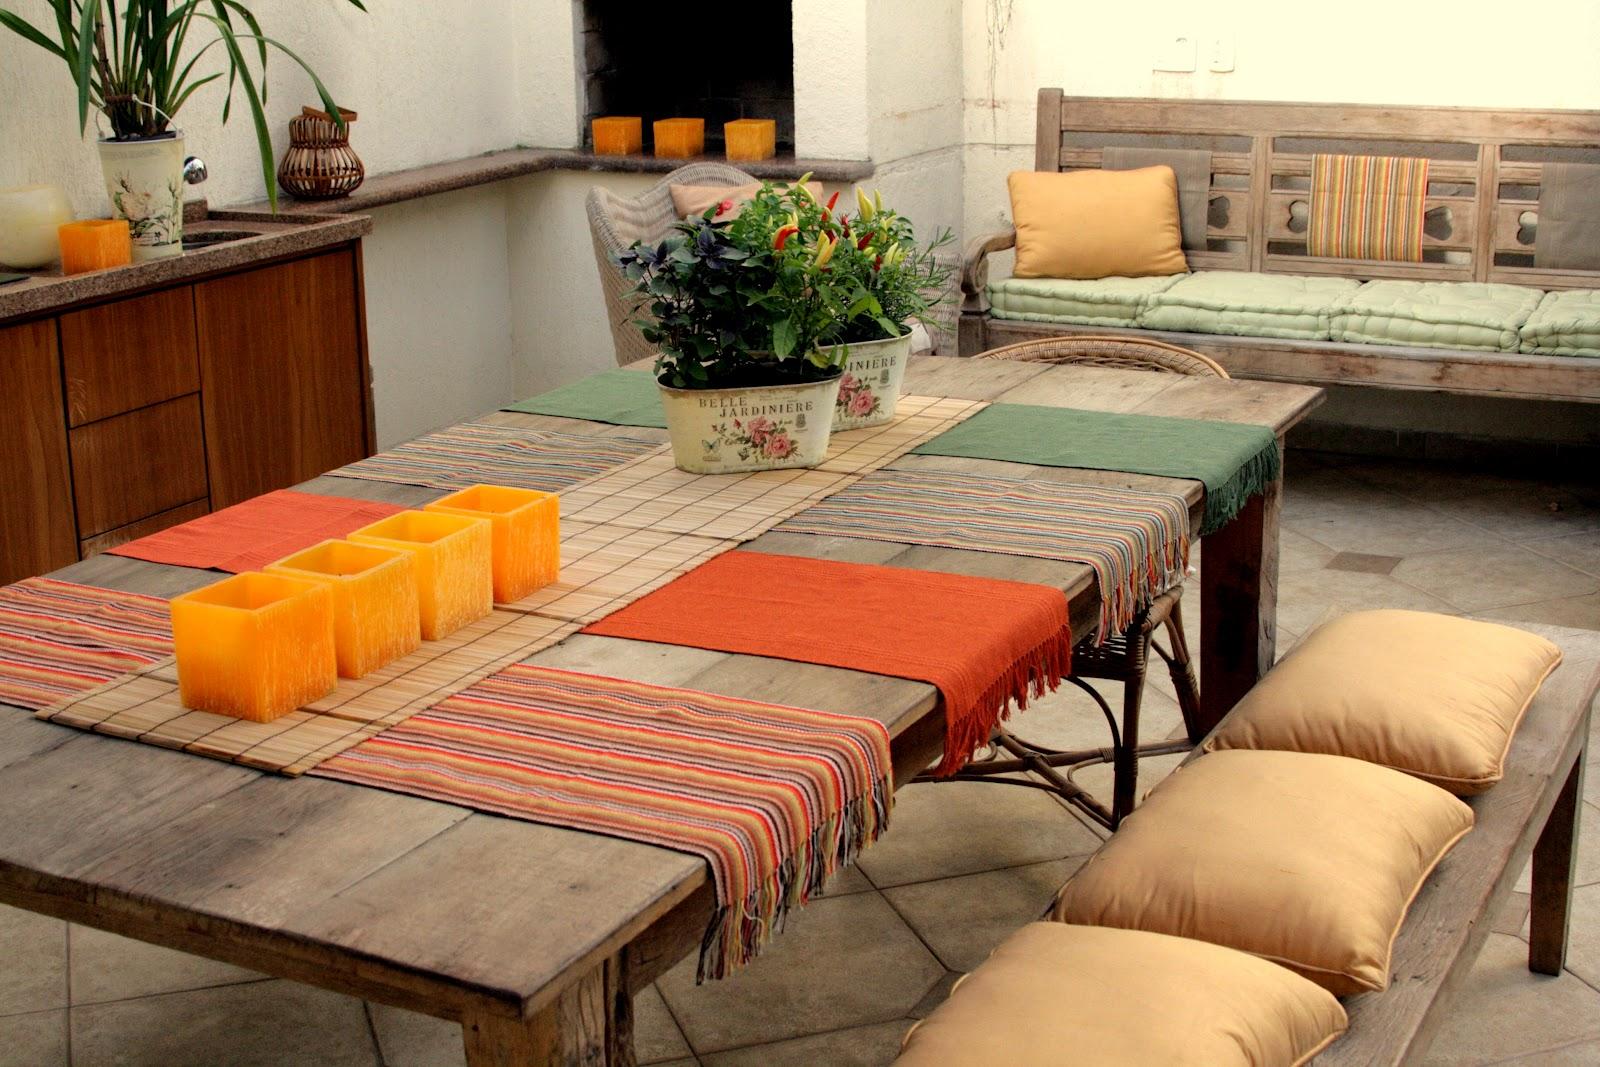 de jantar sala de estar área externa coberta jardim E nada de #B03E1B 1600x1067